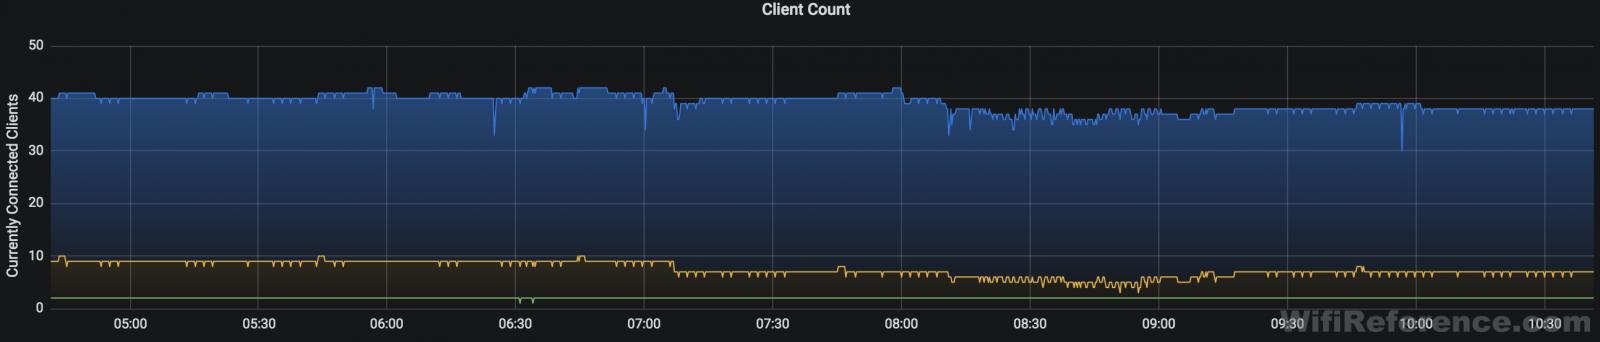 Client count